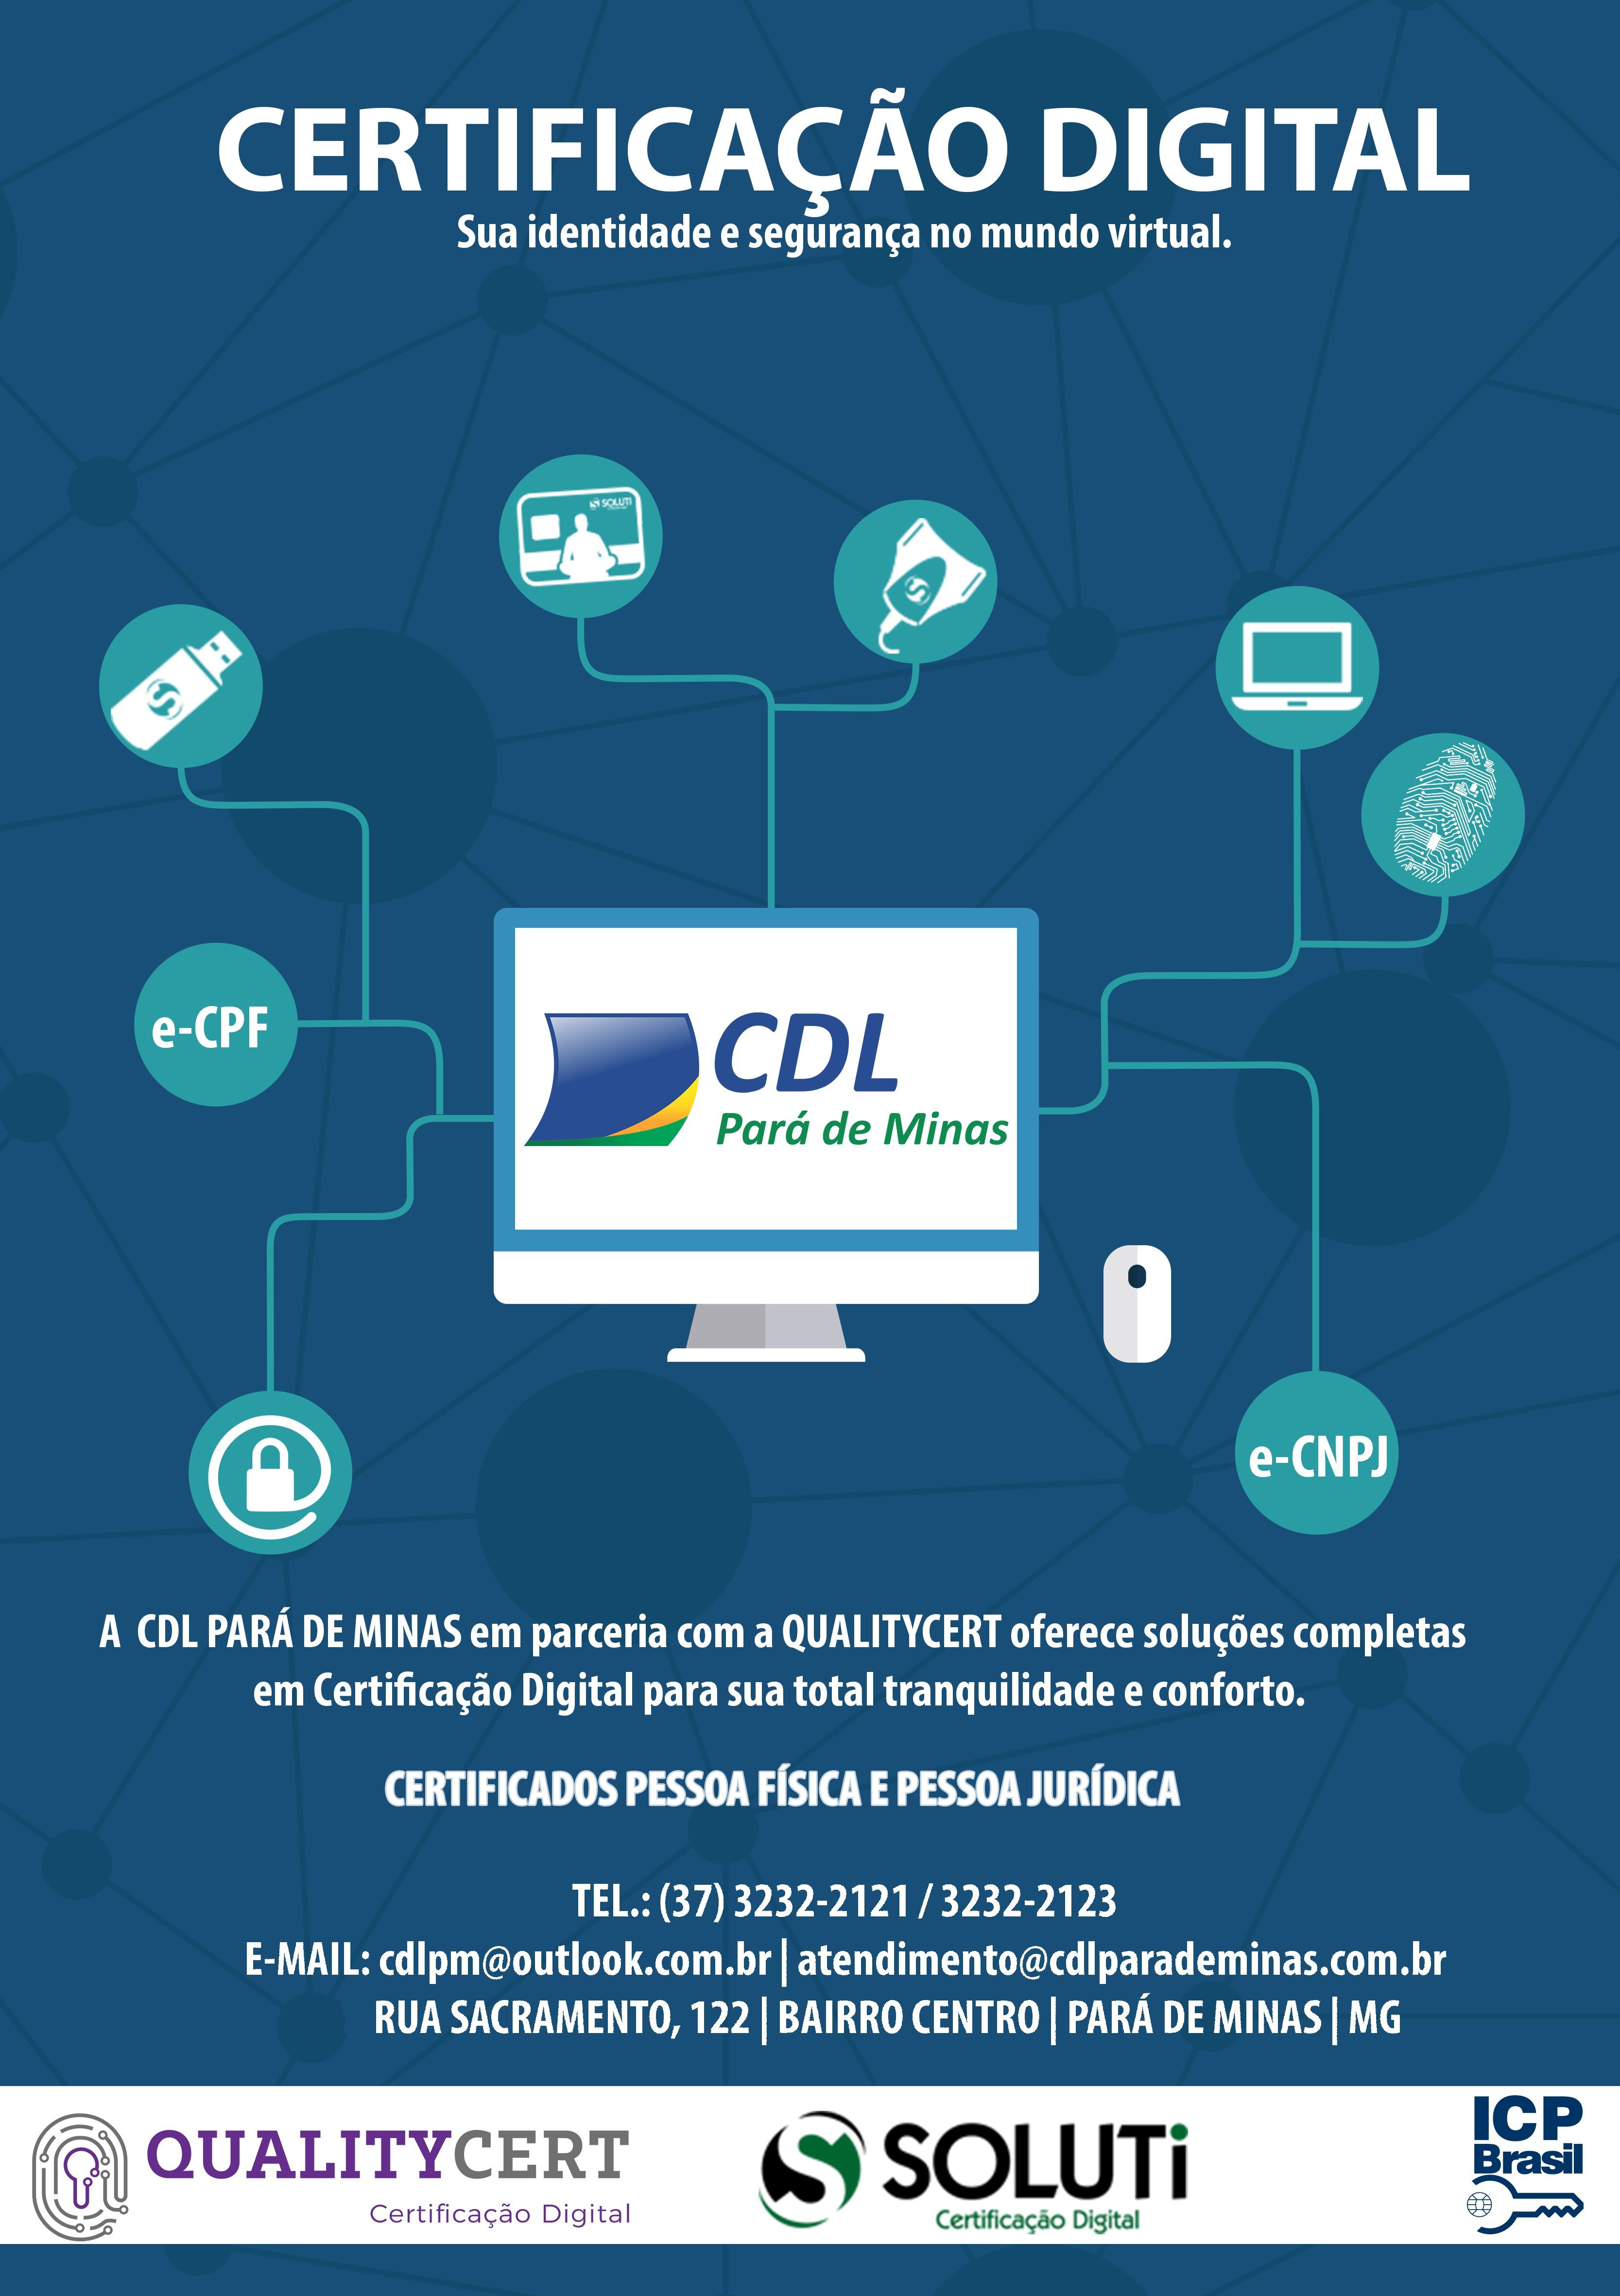 CDL AGORA TEM O SERVIÇO DE CERTIFICAÇÃO DIGITAL